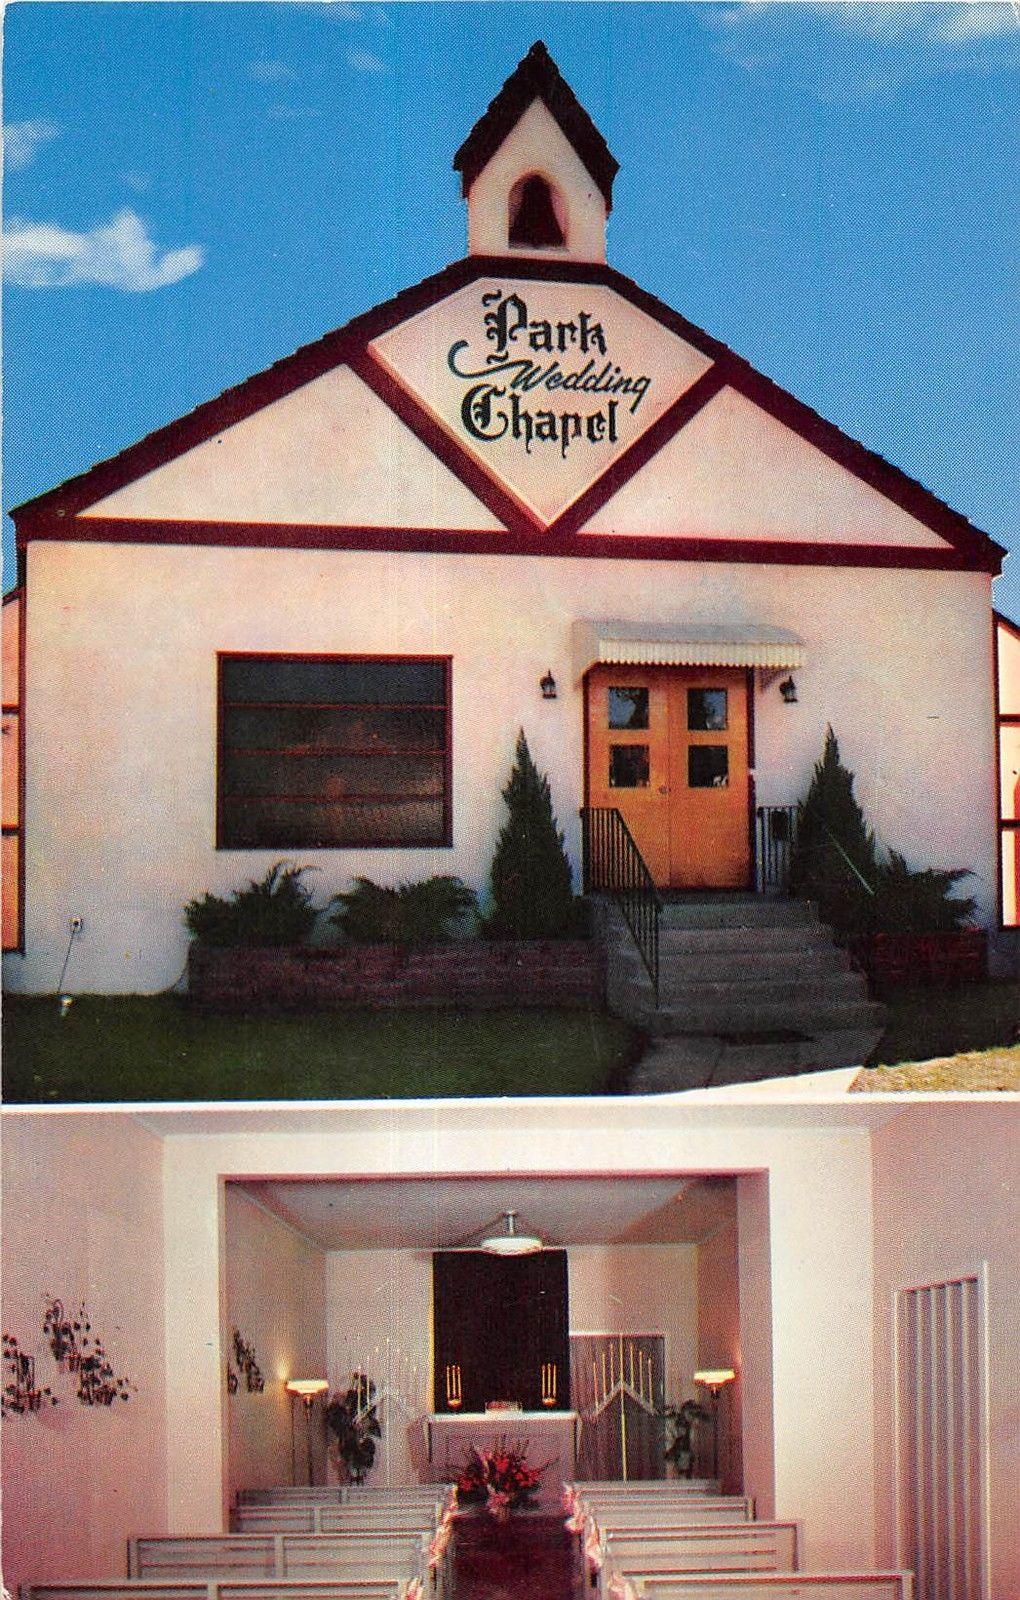 Reno Nevada Park Wedding Chapel In Downtown Area Vintage Postcard